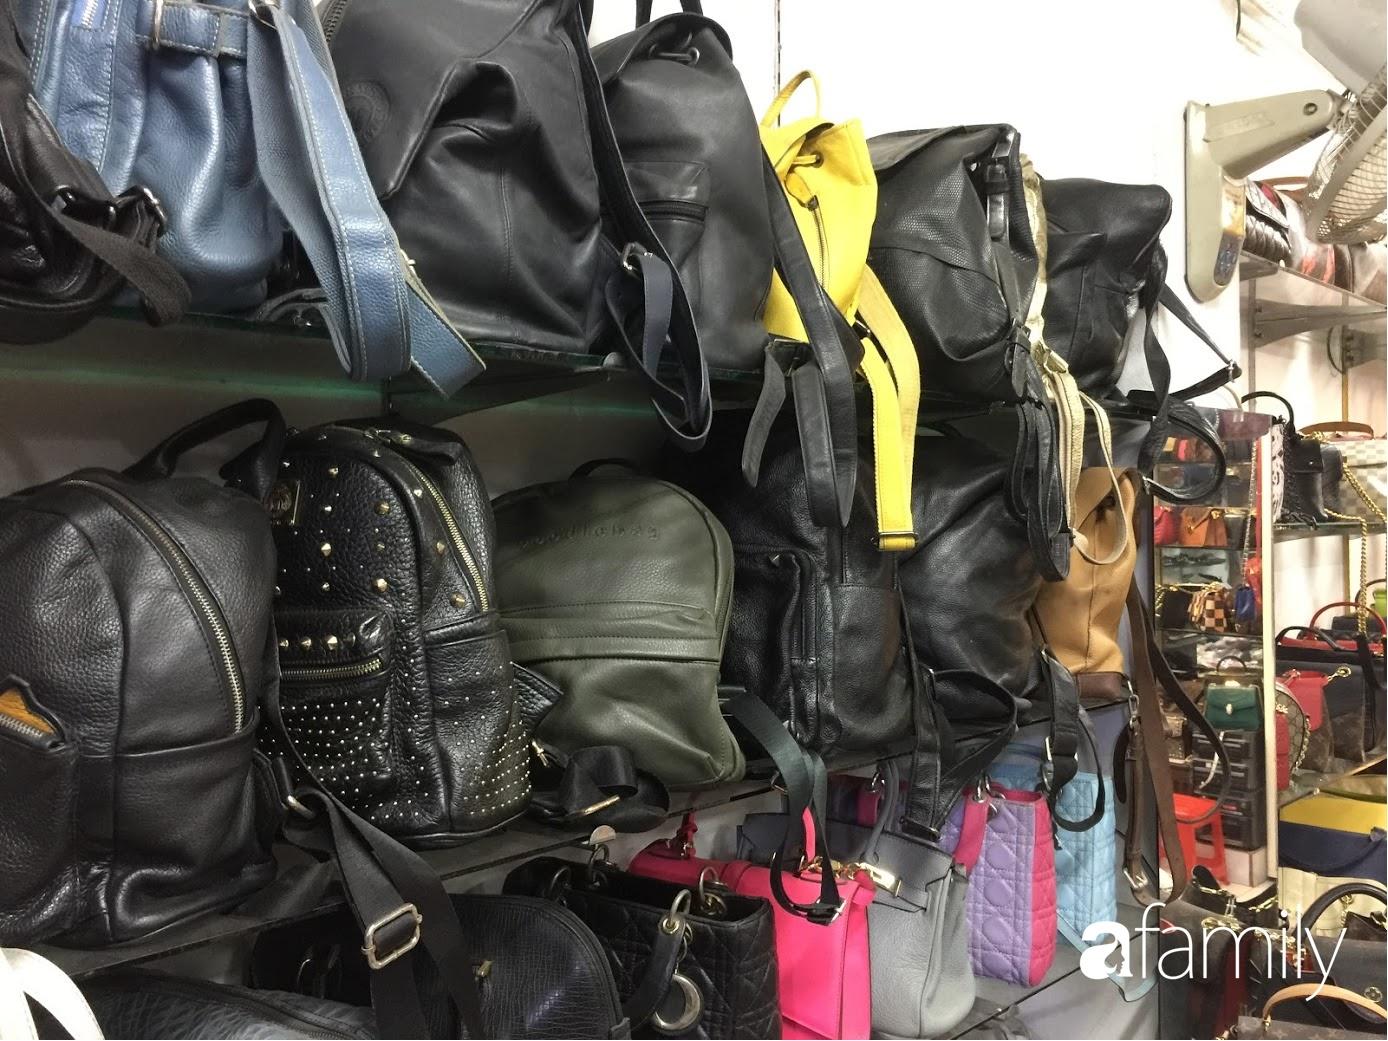 Đi chợ hàng thùng Đông Tác mua quần áo cũ chưa đủ, chị em phải biết săn thêm cả giày, túi và trang sức chất lượng - Ảnh 9.